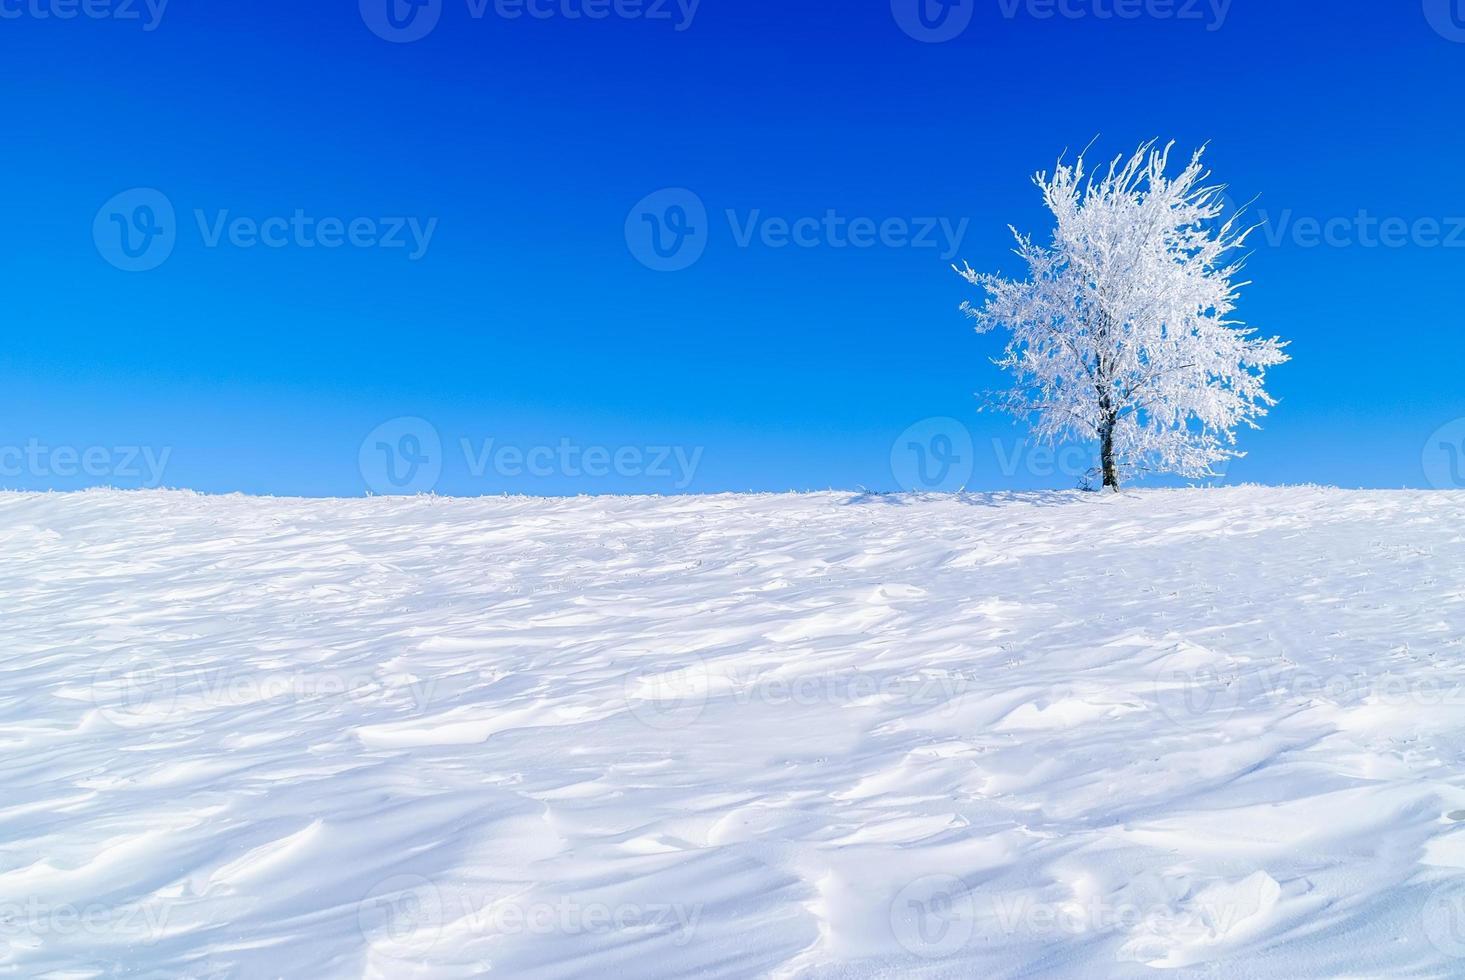 árbol nevado foto